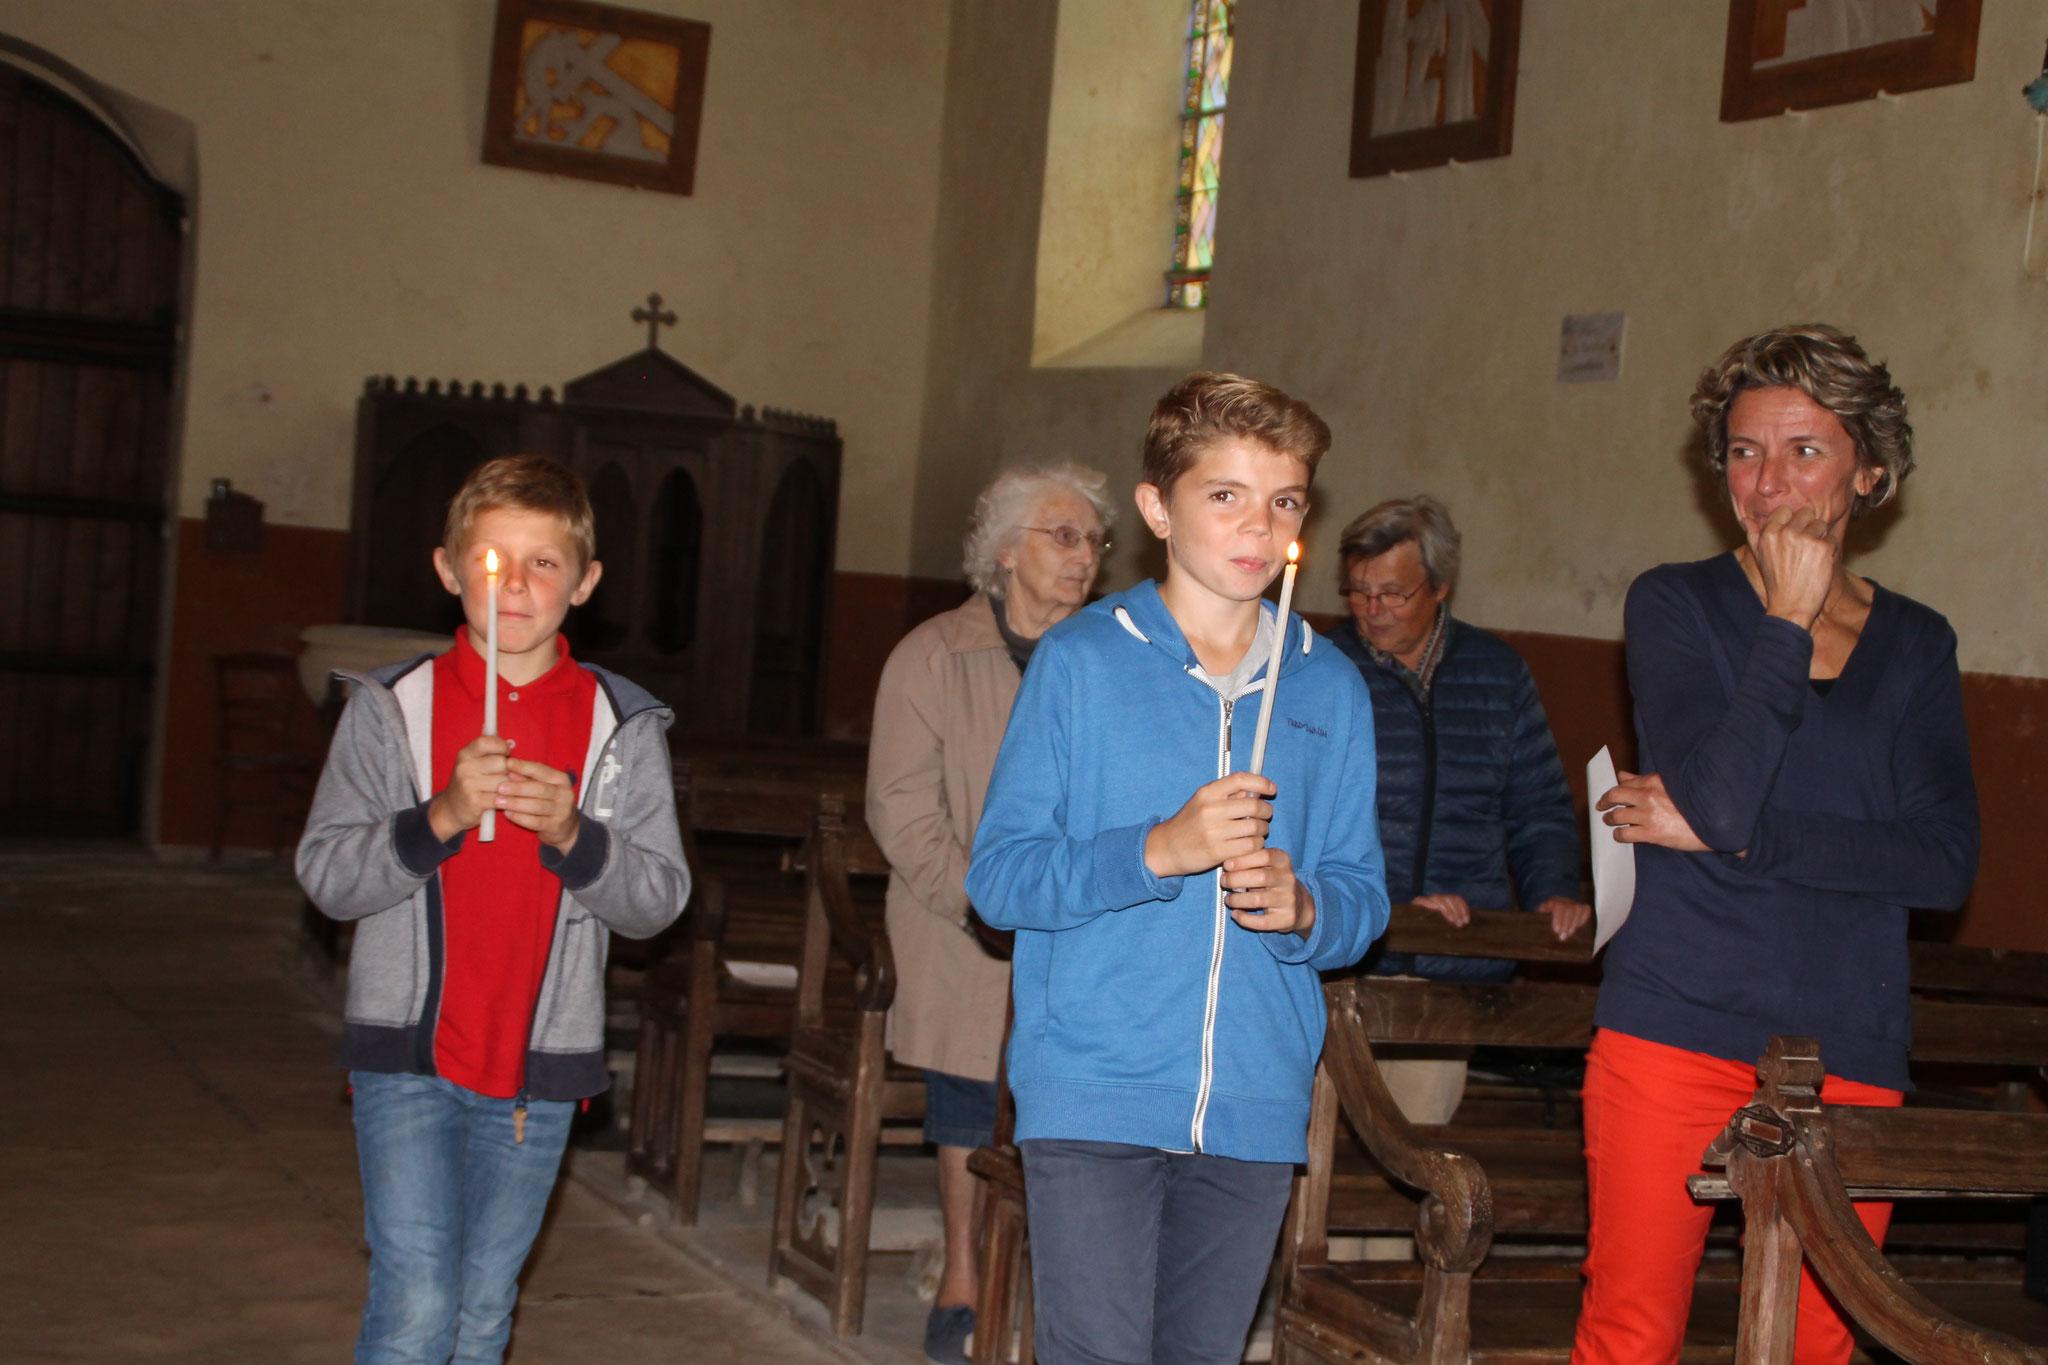 Les enfants pendant la cérémonie